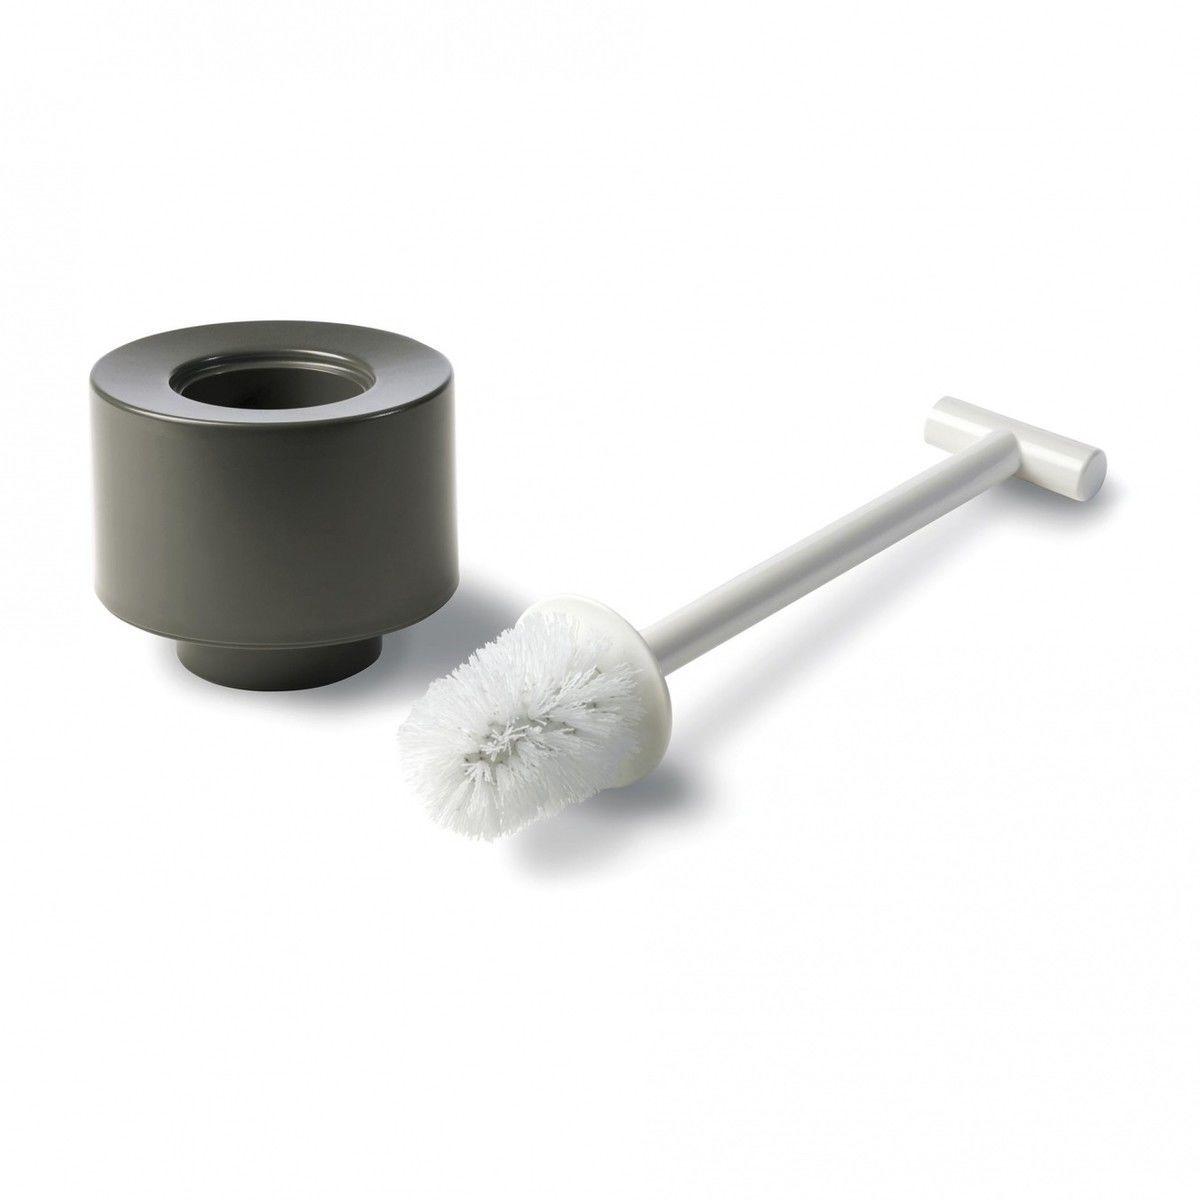 Kali brosse wc authentics accessoires salles de for Accessoire salle de bain wc